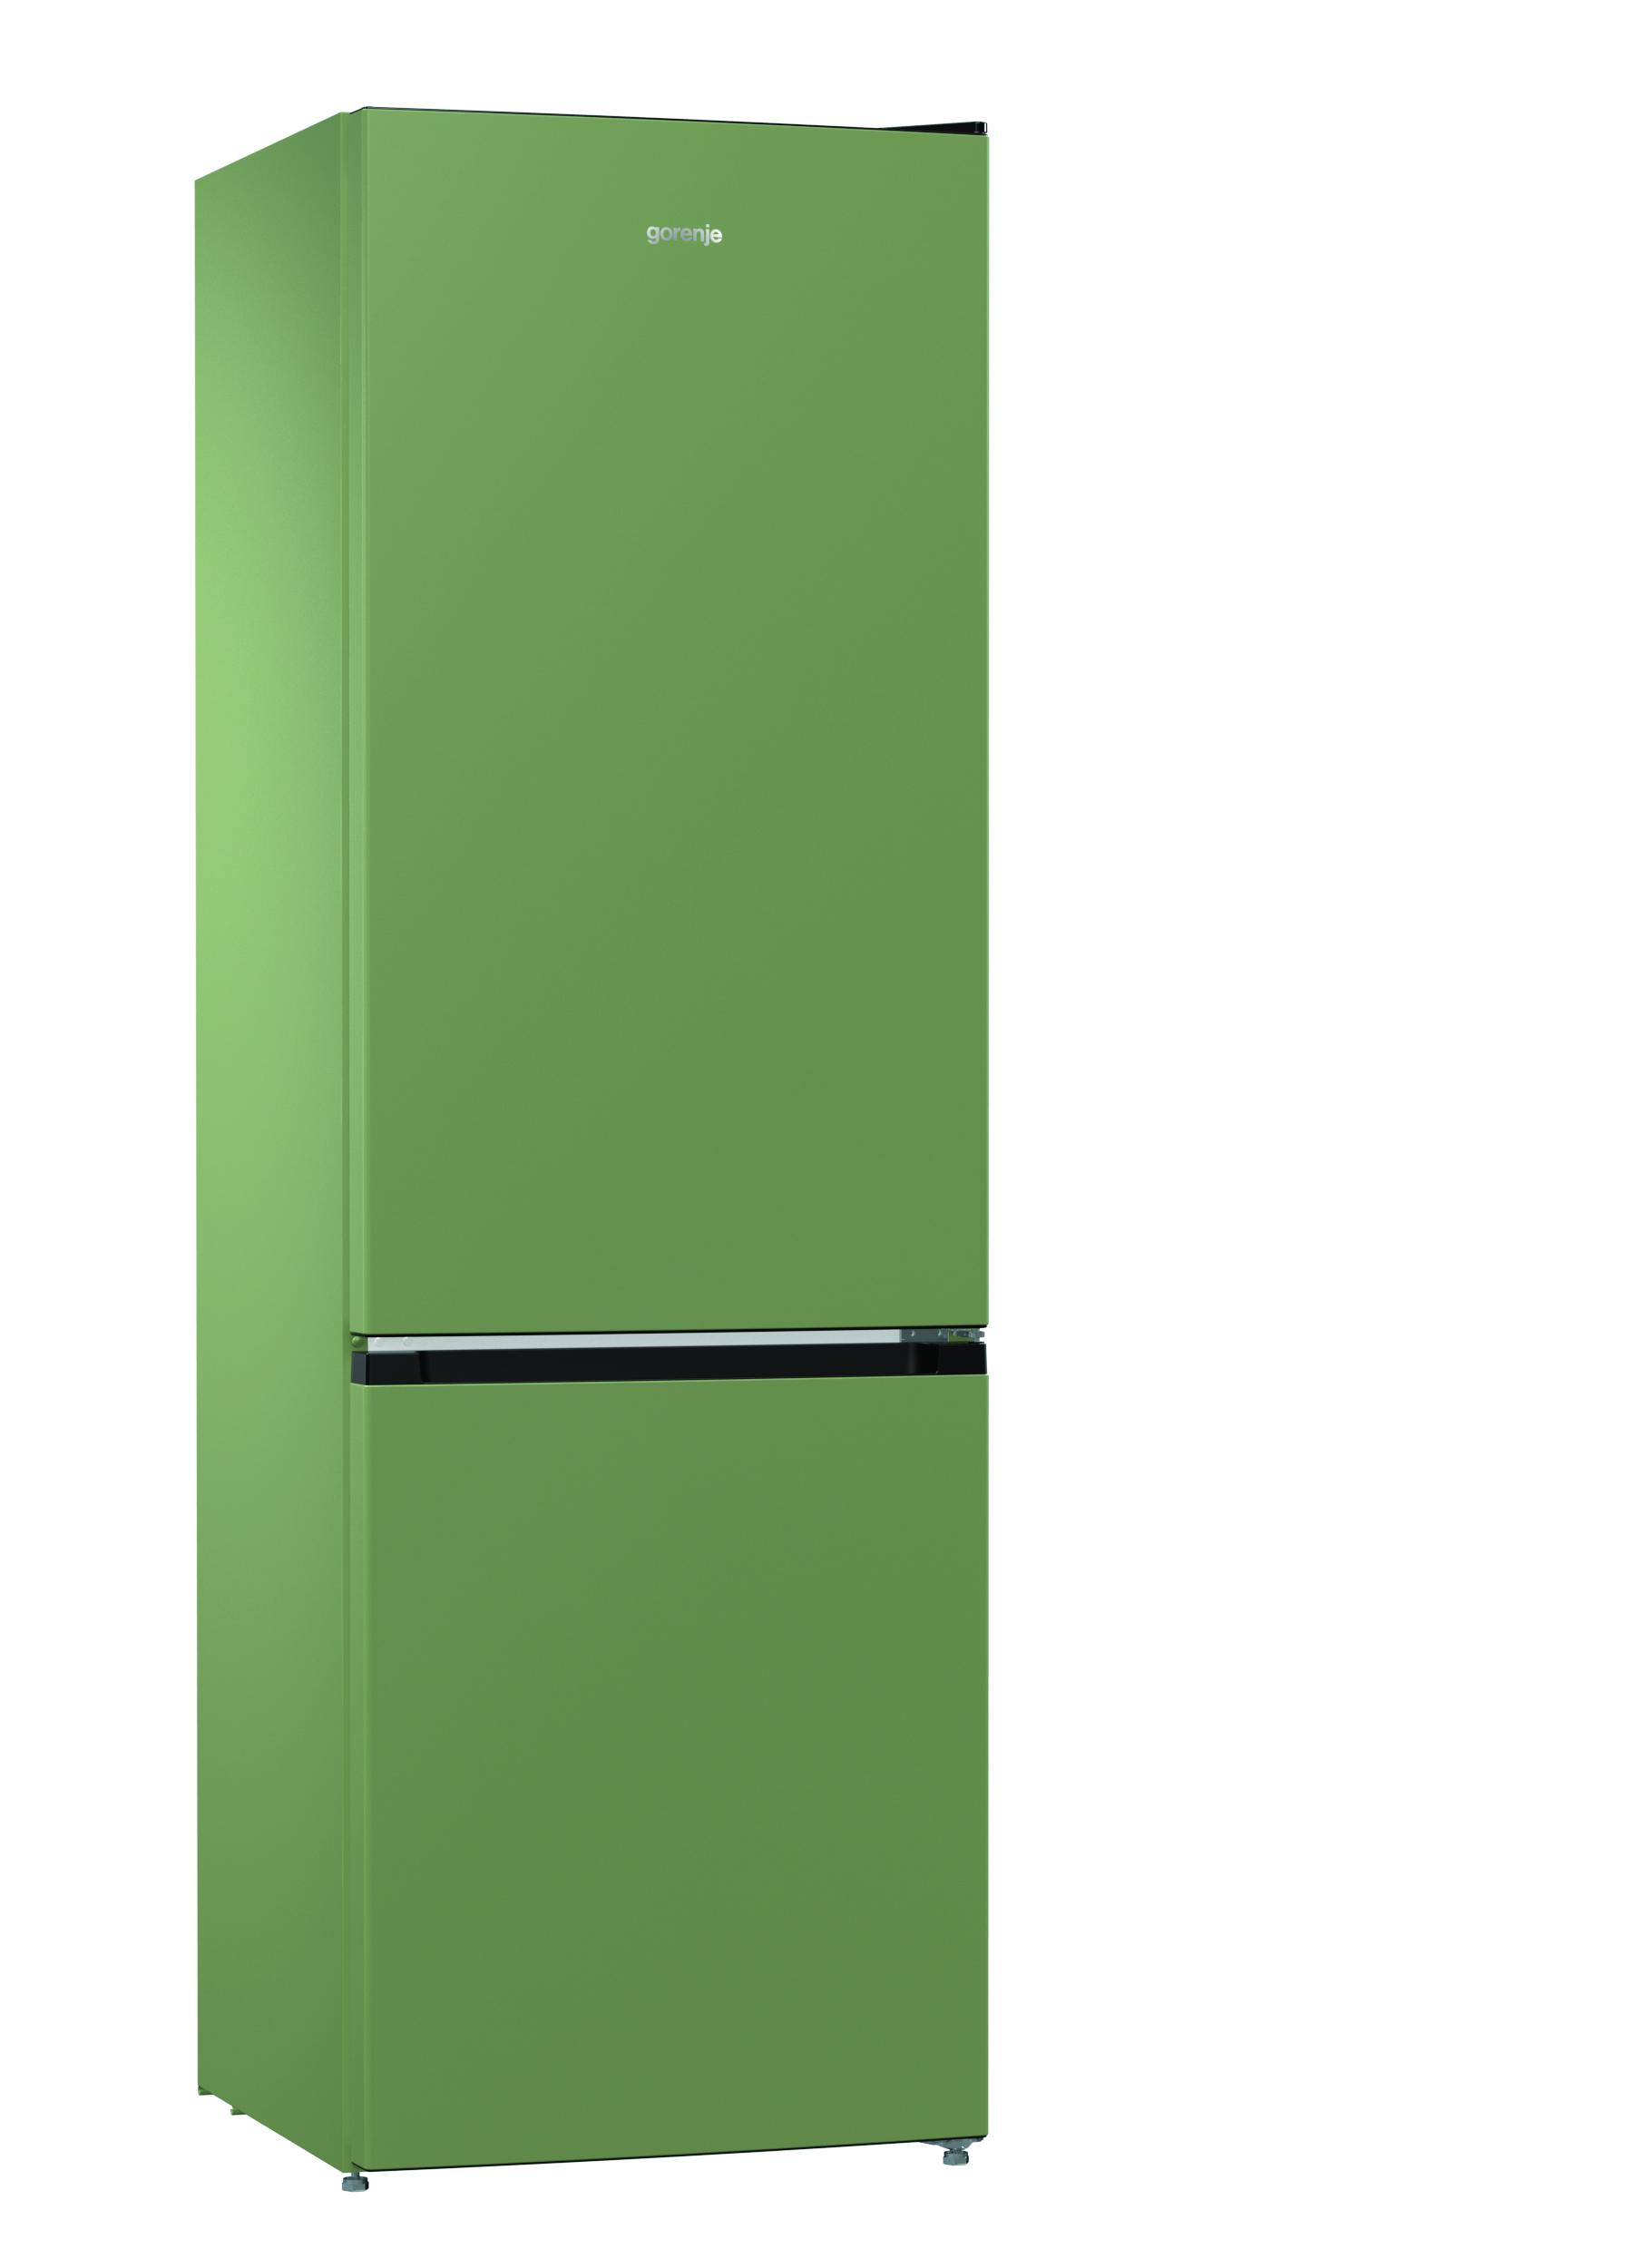 сложно картинки холодильник зеленый снимках